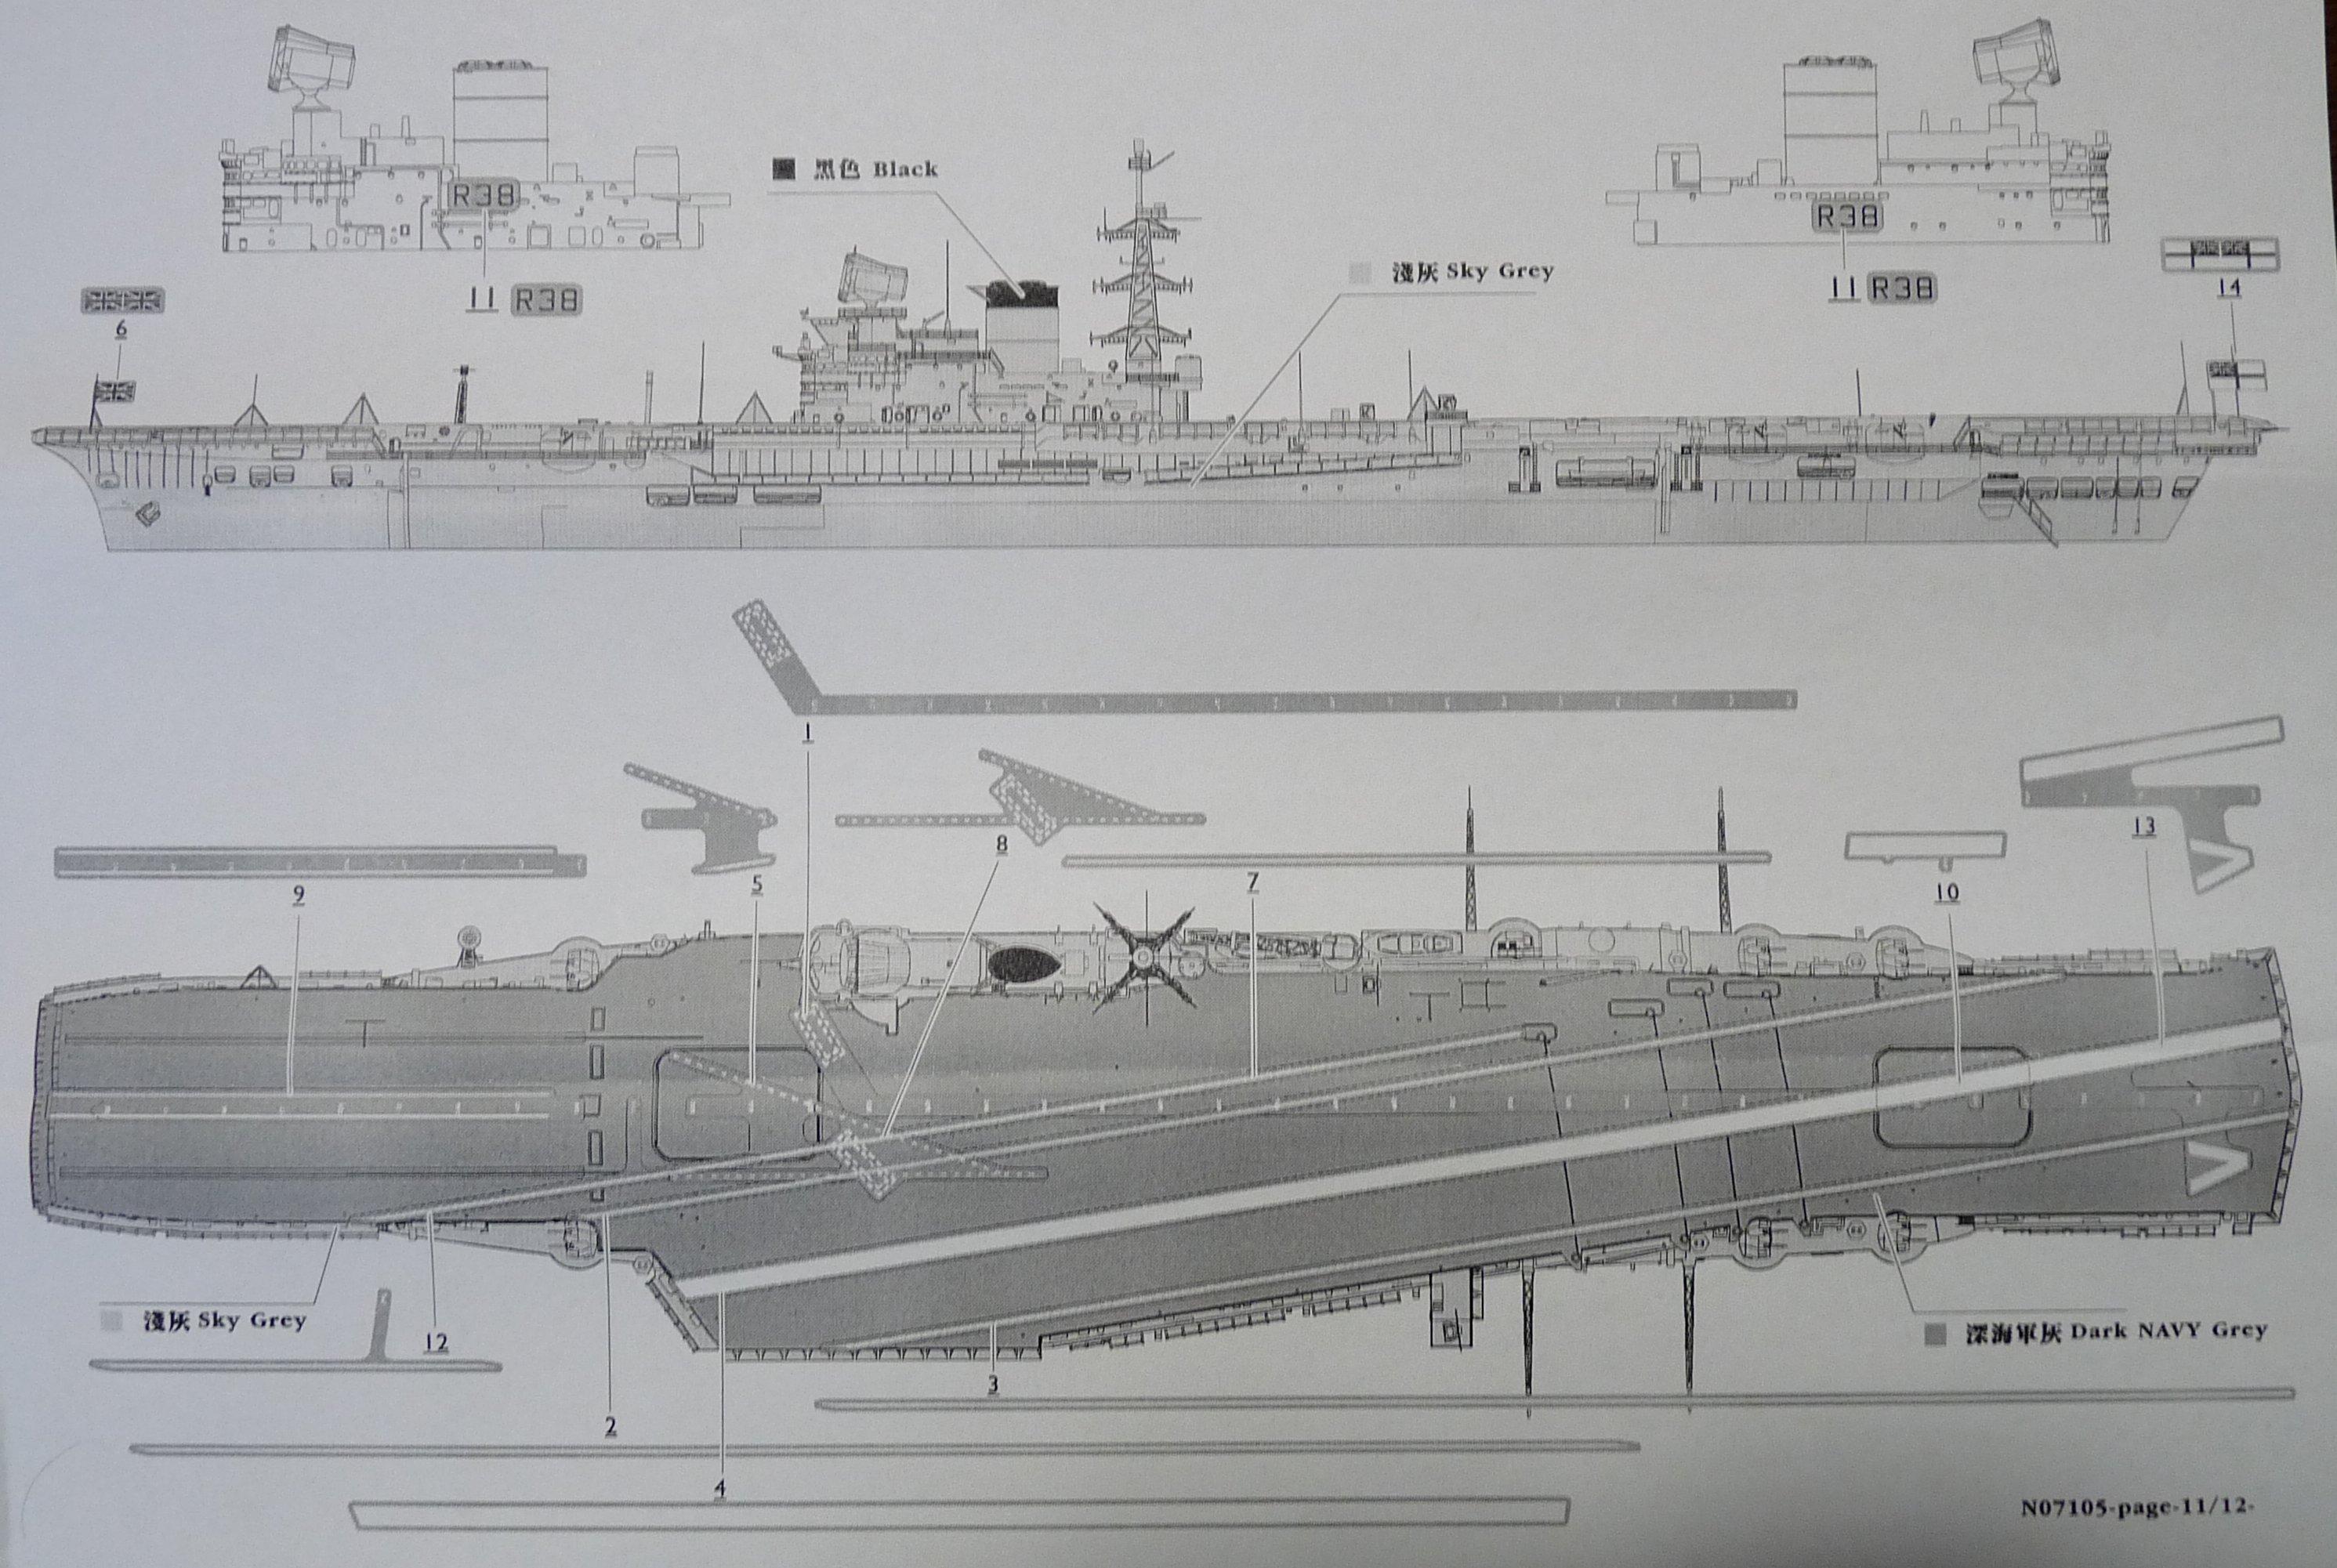 [HMS Victorious après refonte] 1/700e maquette Orange Hobby 17072112571523134915159391